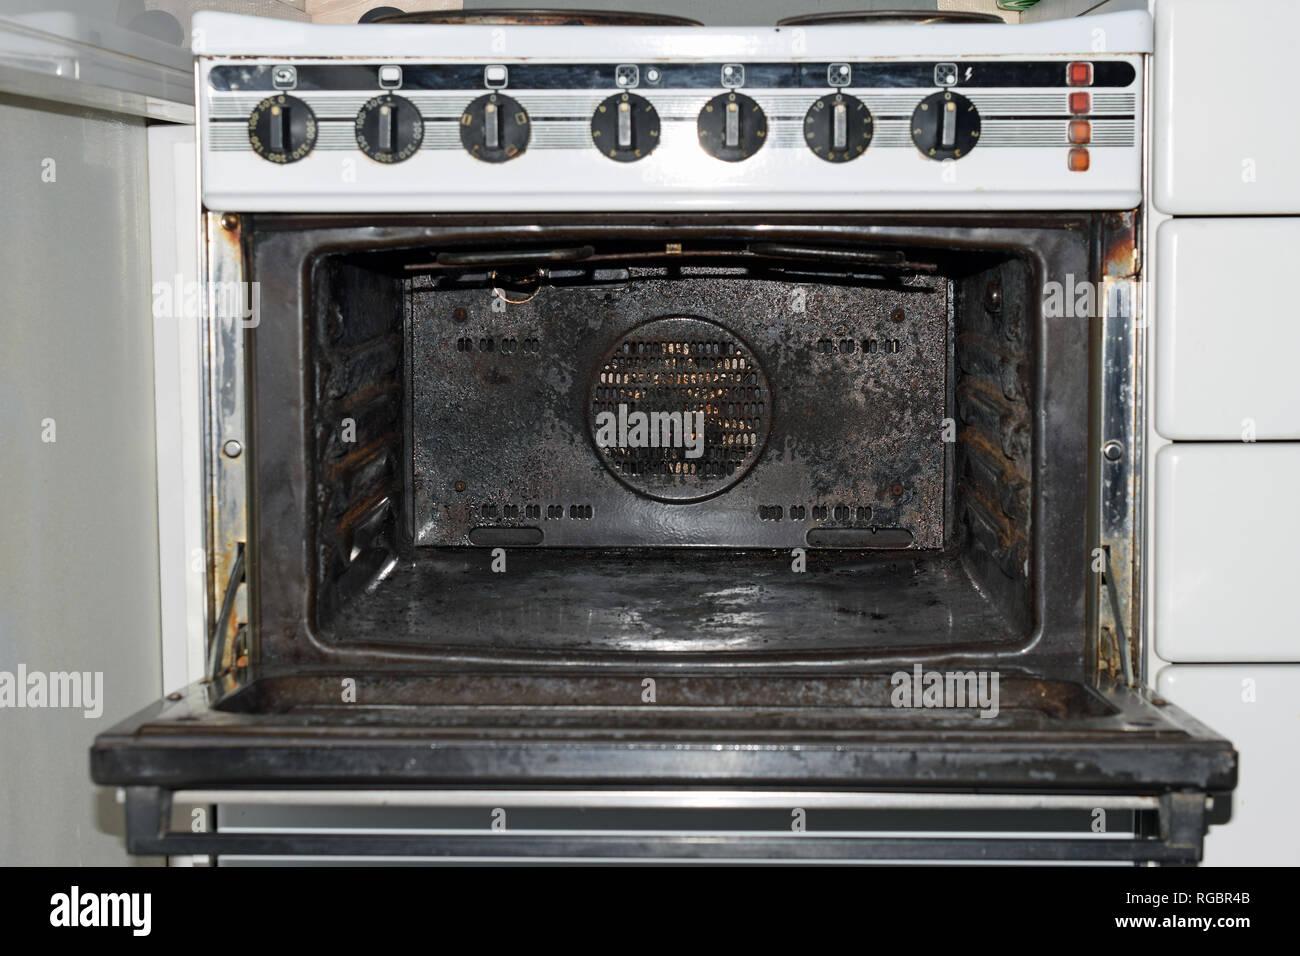 Very dirty oven, door open. - Stock Image